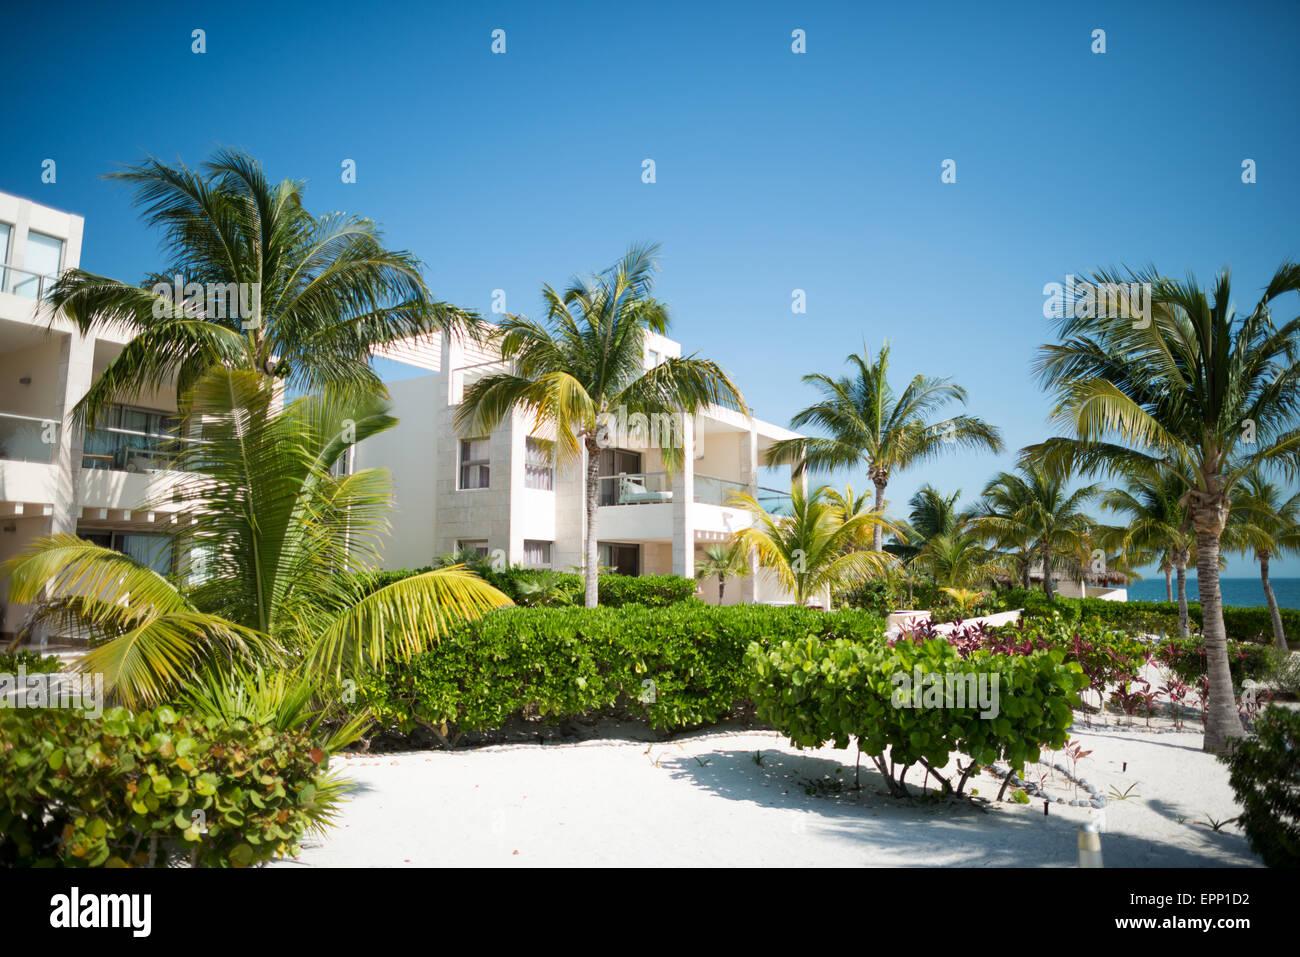 La Amada Hotel, Playa Mujeres, México, está situado justo al norte de Cancún. Es un lujoso resort Imagen De Stock